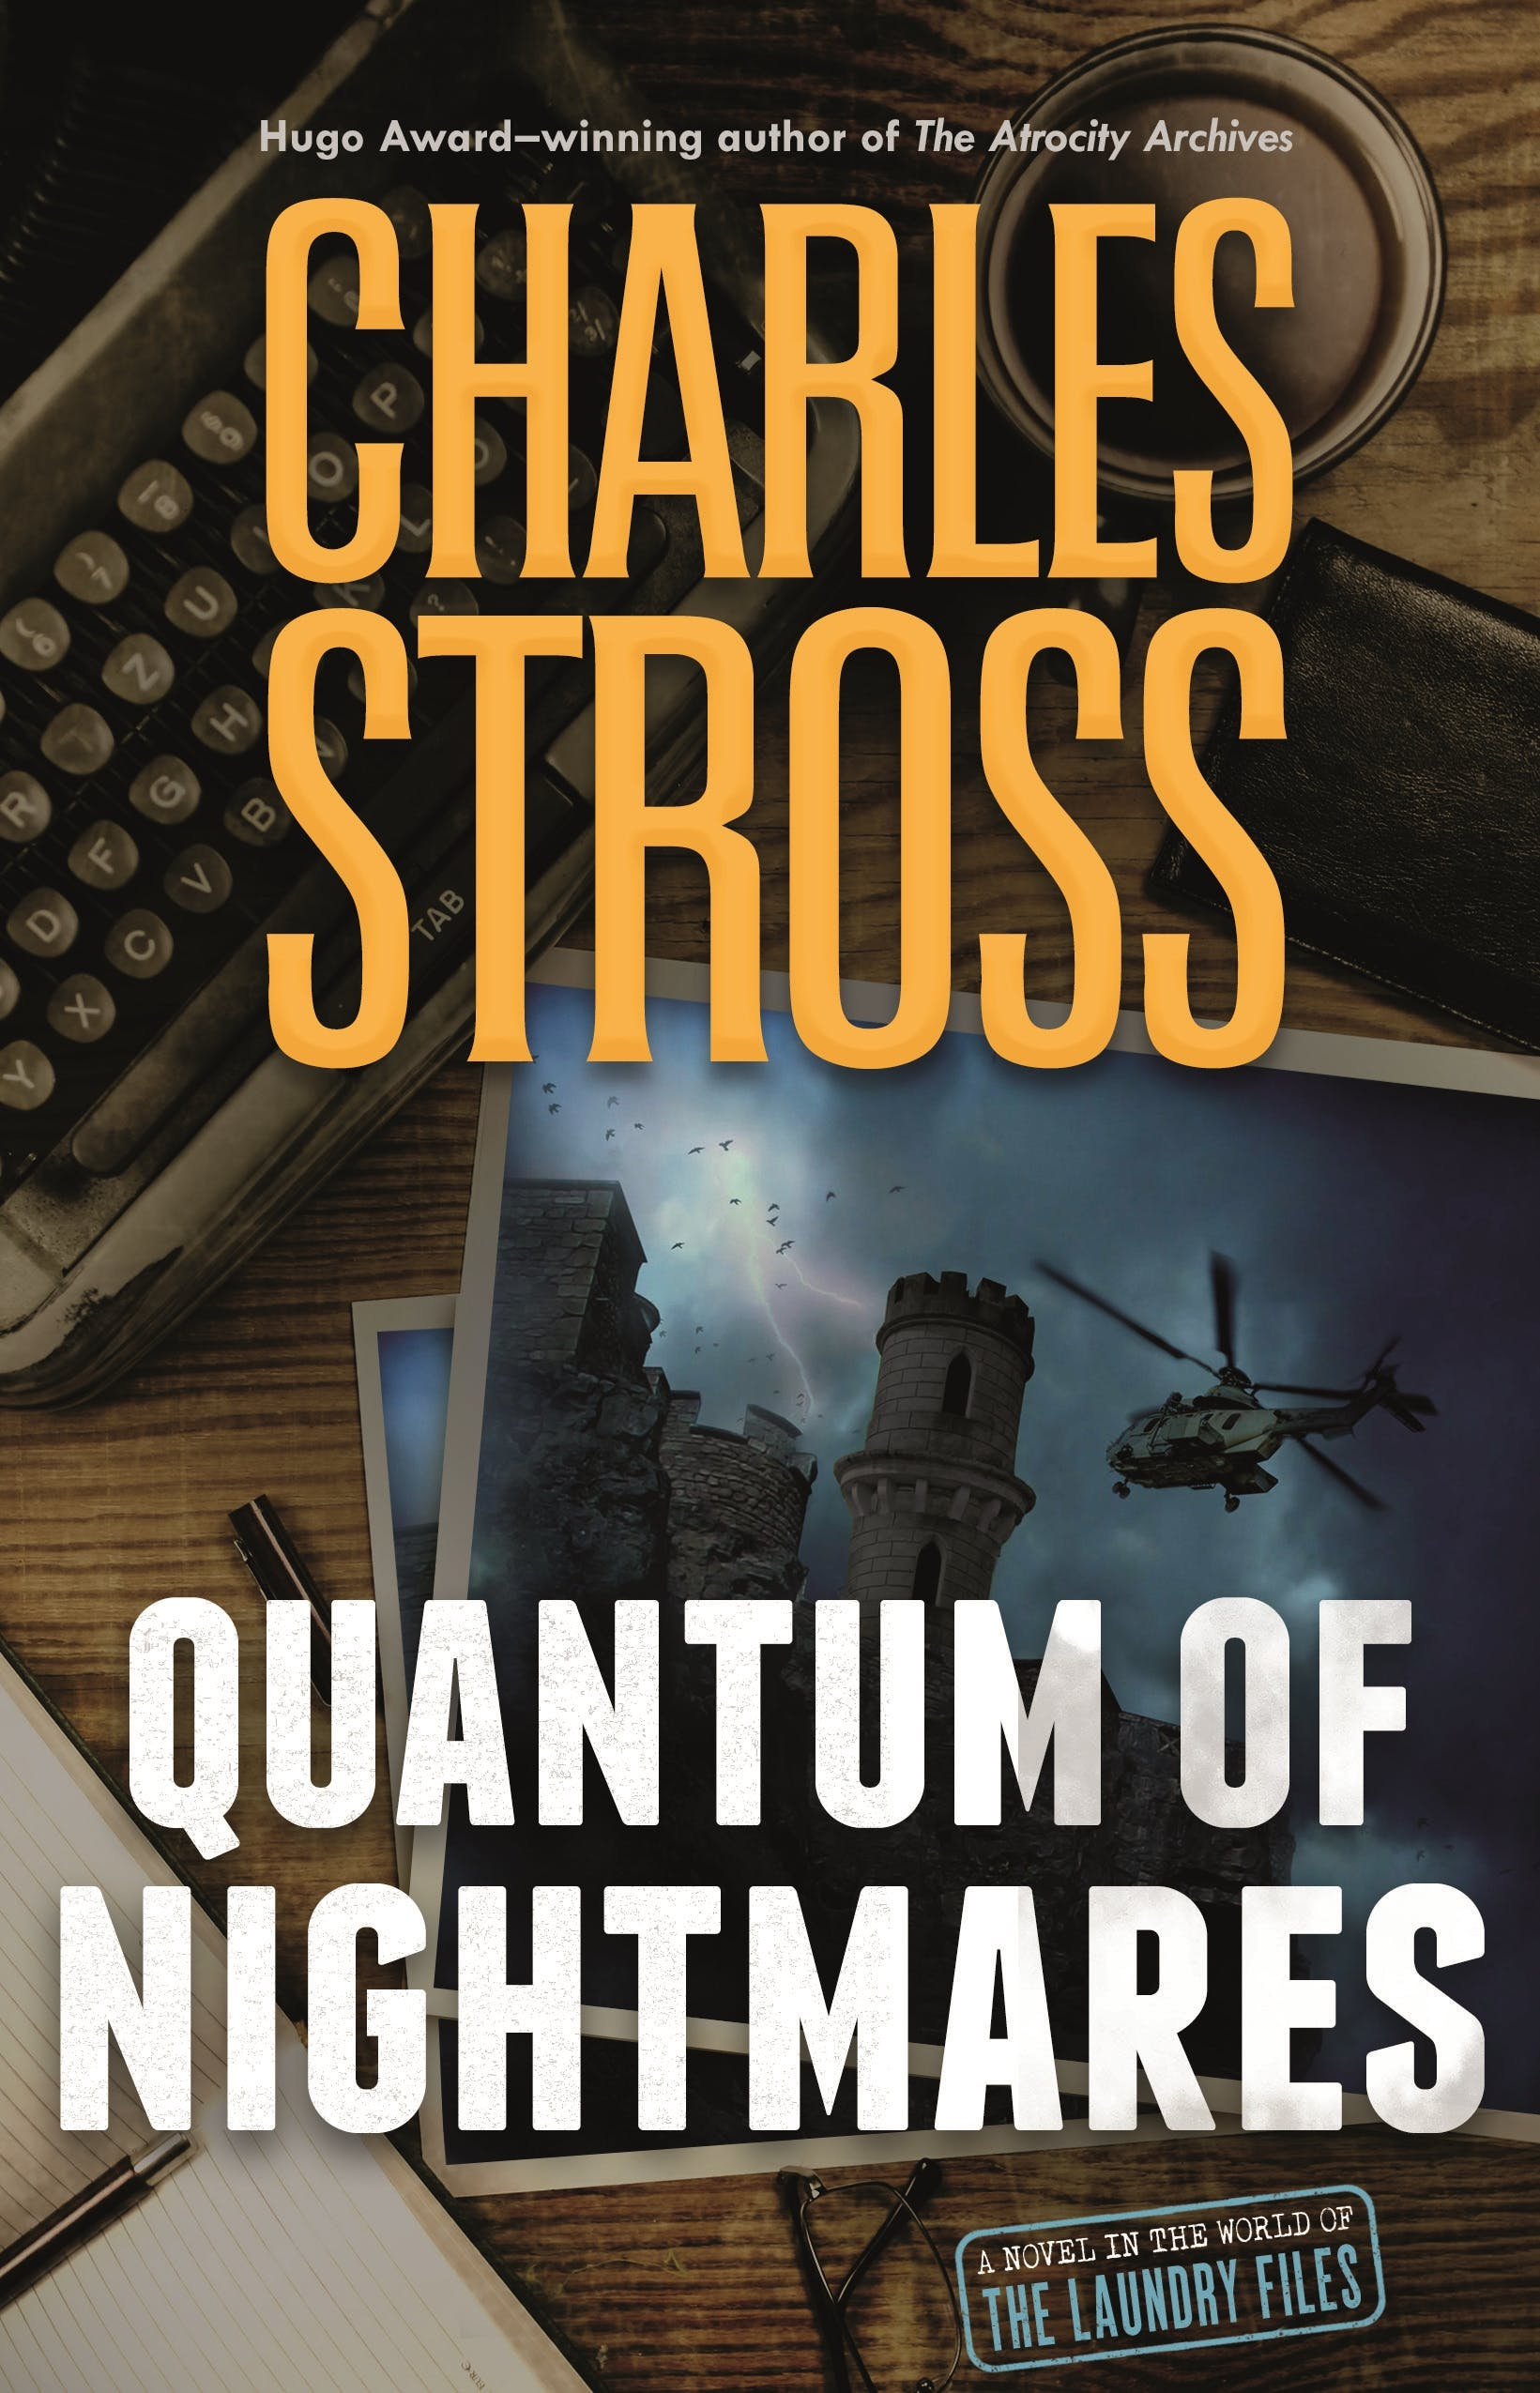 Image of Quantum of Nightmares